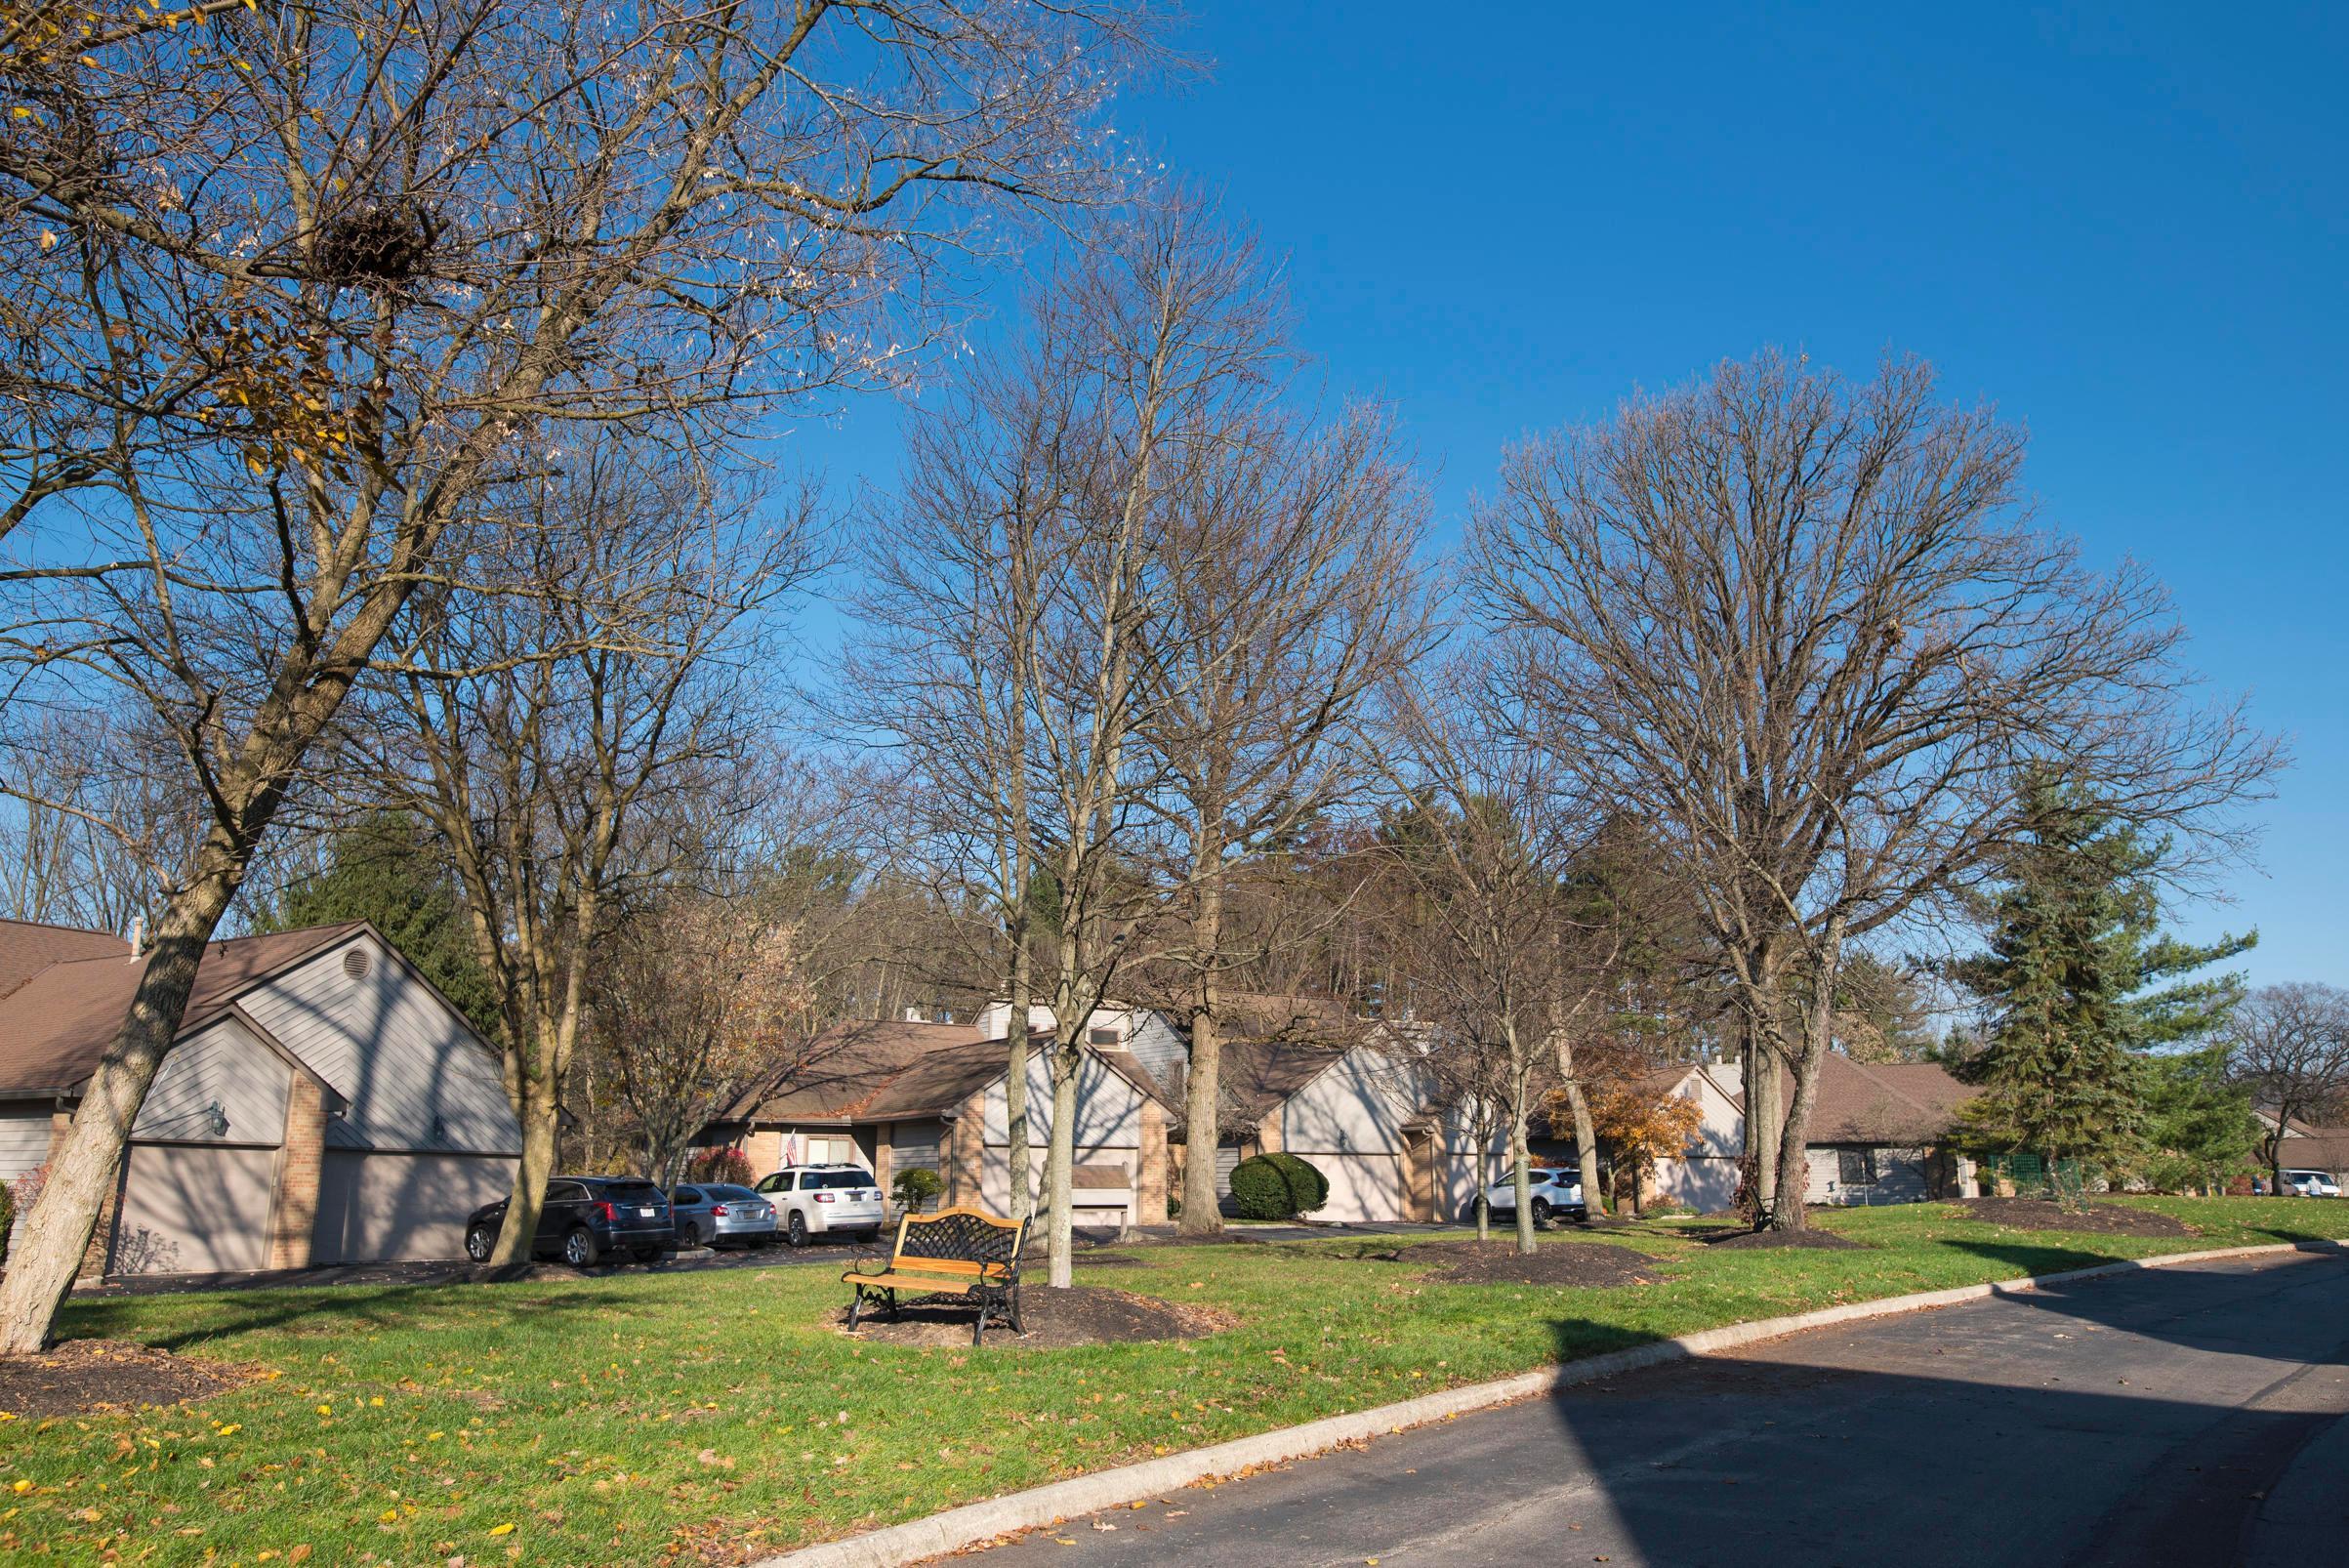 7809 Jaymes Street, Dublin, Ohio 43017, 3 Bedrooms Bedrooms, ,3 BathroomsBathrooms,Residential,For Sale,Jaymes,220040326